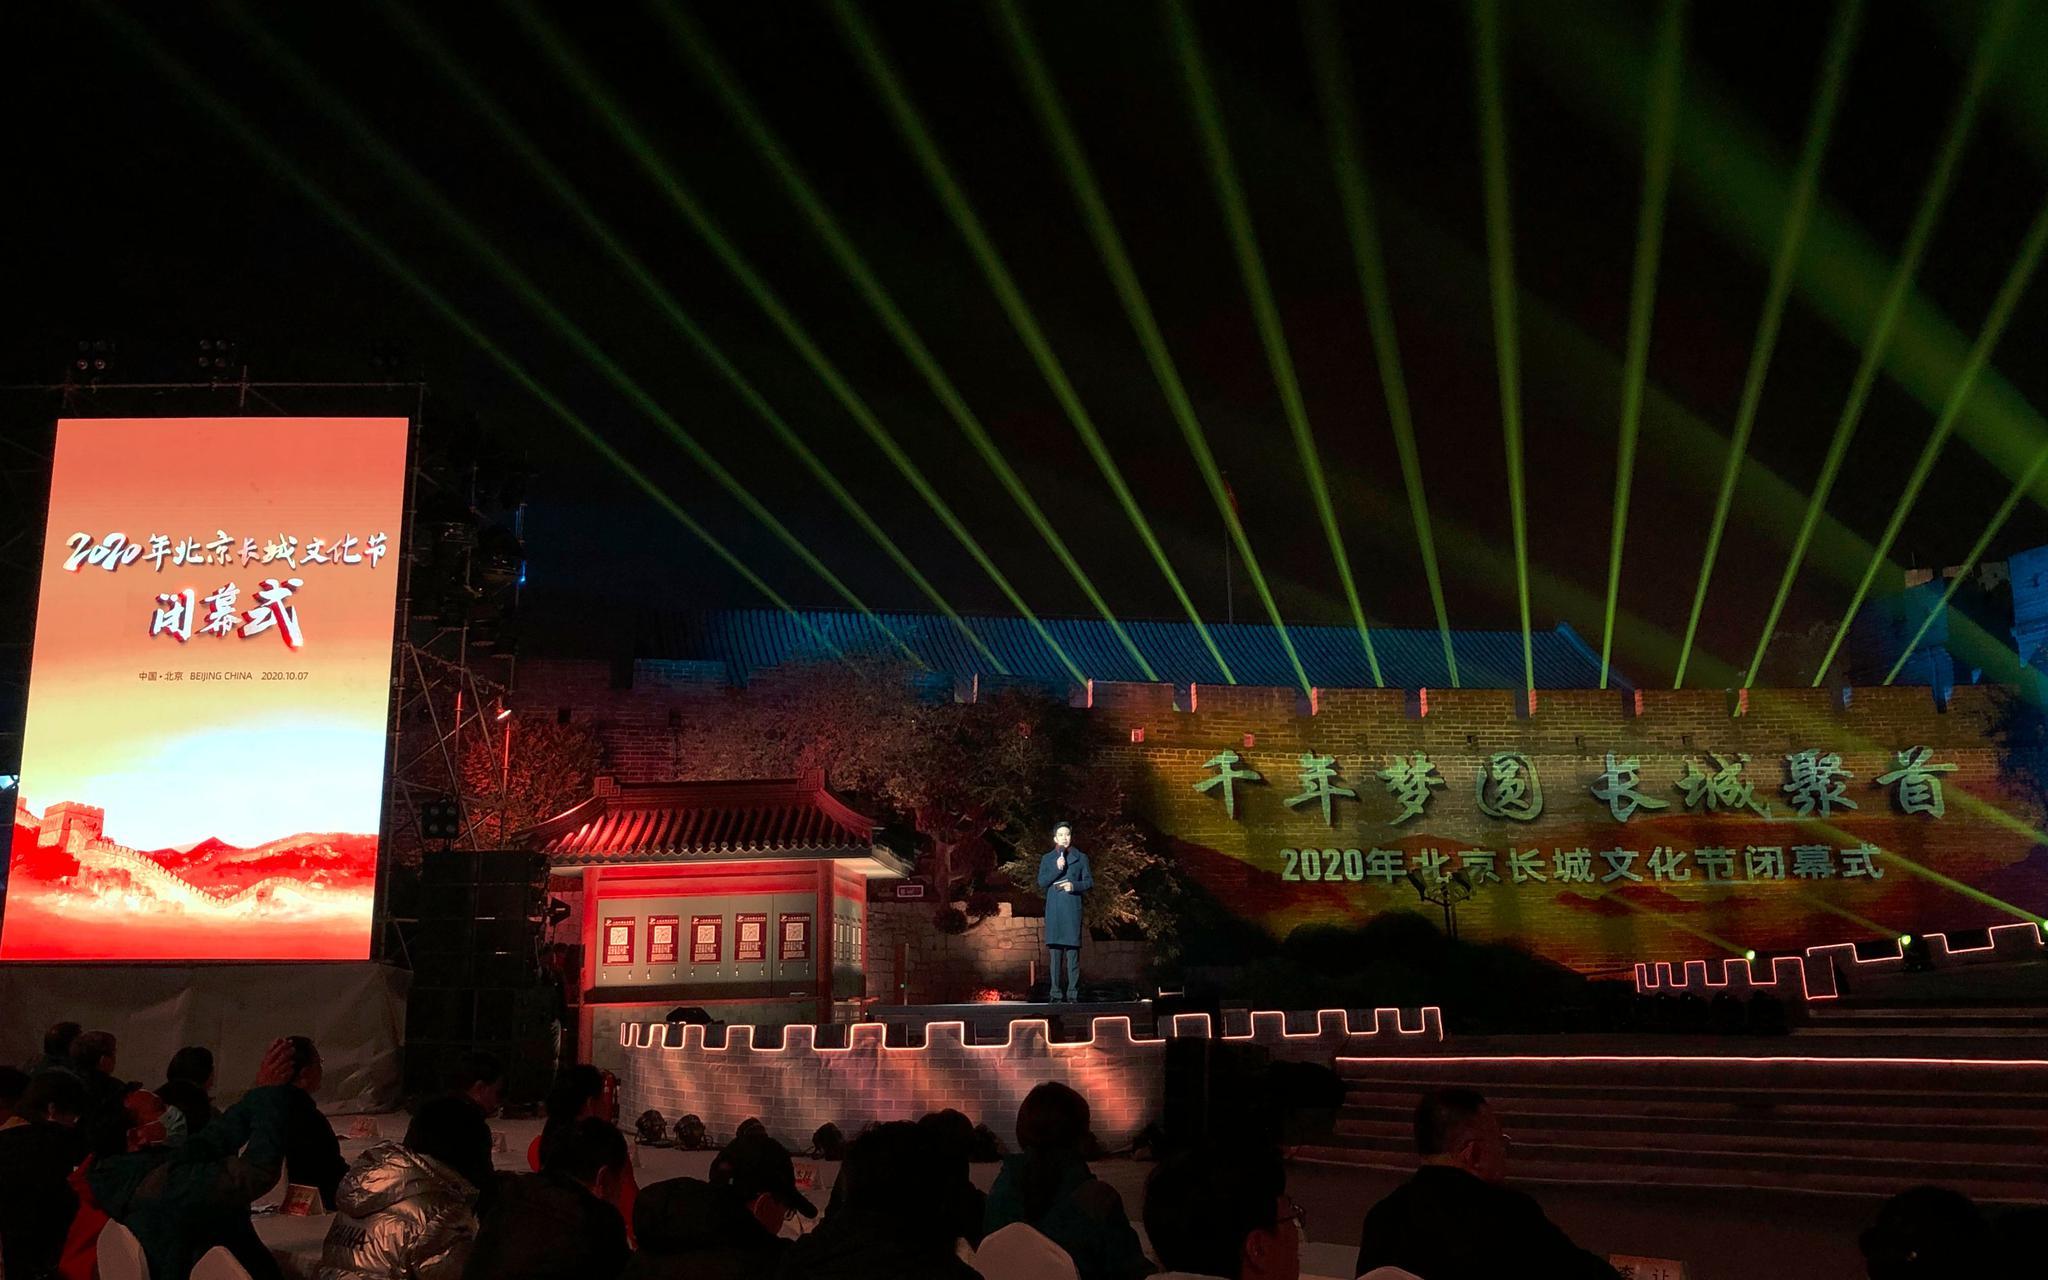 """北京长城文化节闭幕,十名""""最美长城守护人""""公布图片"""